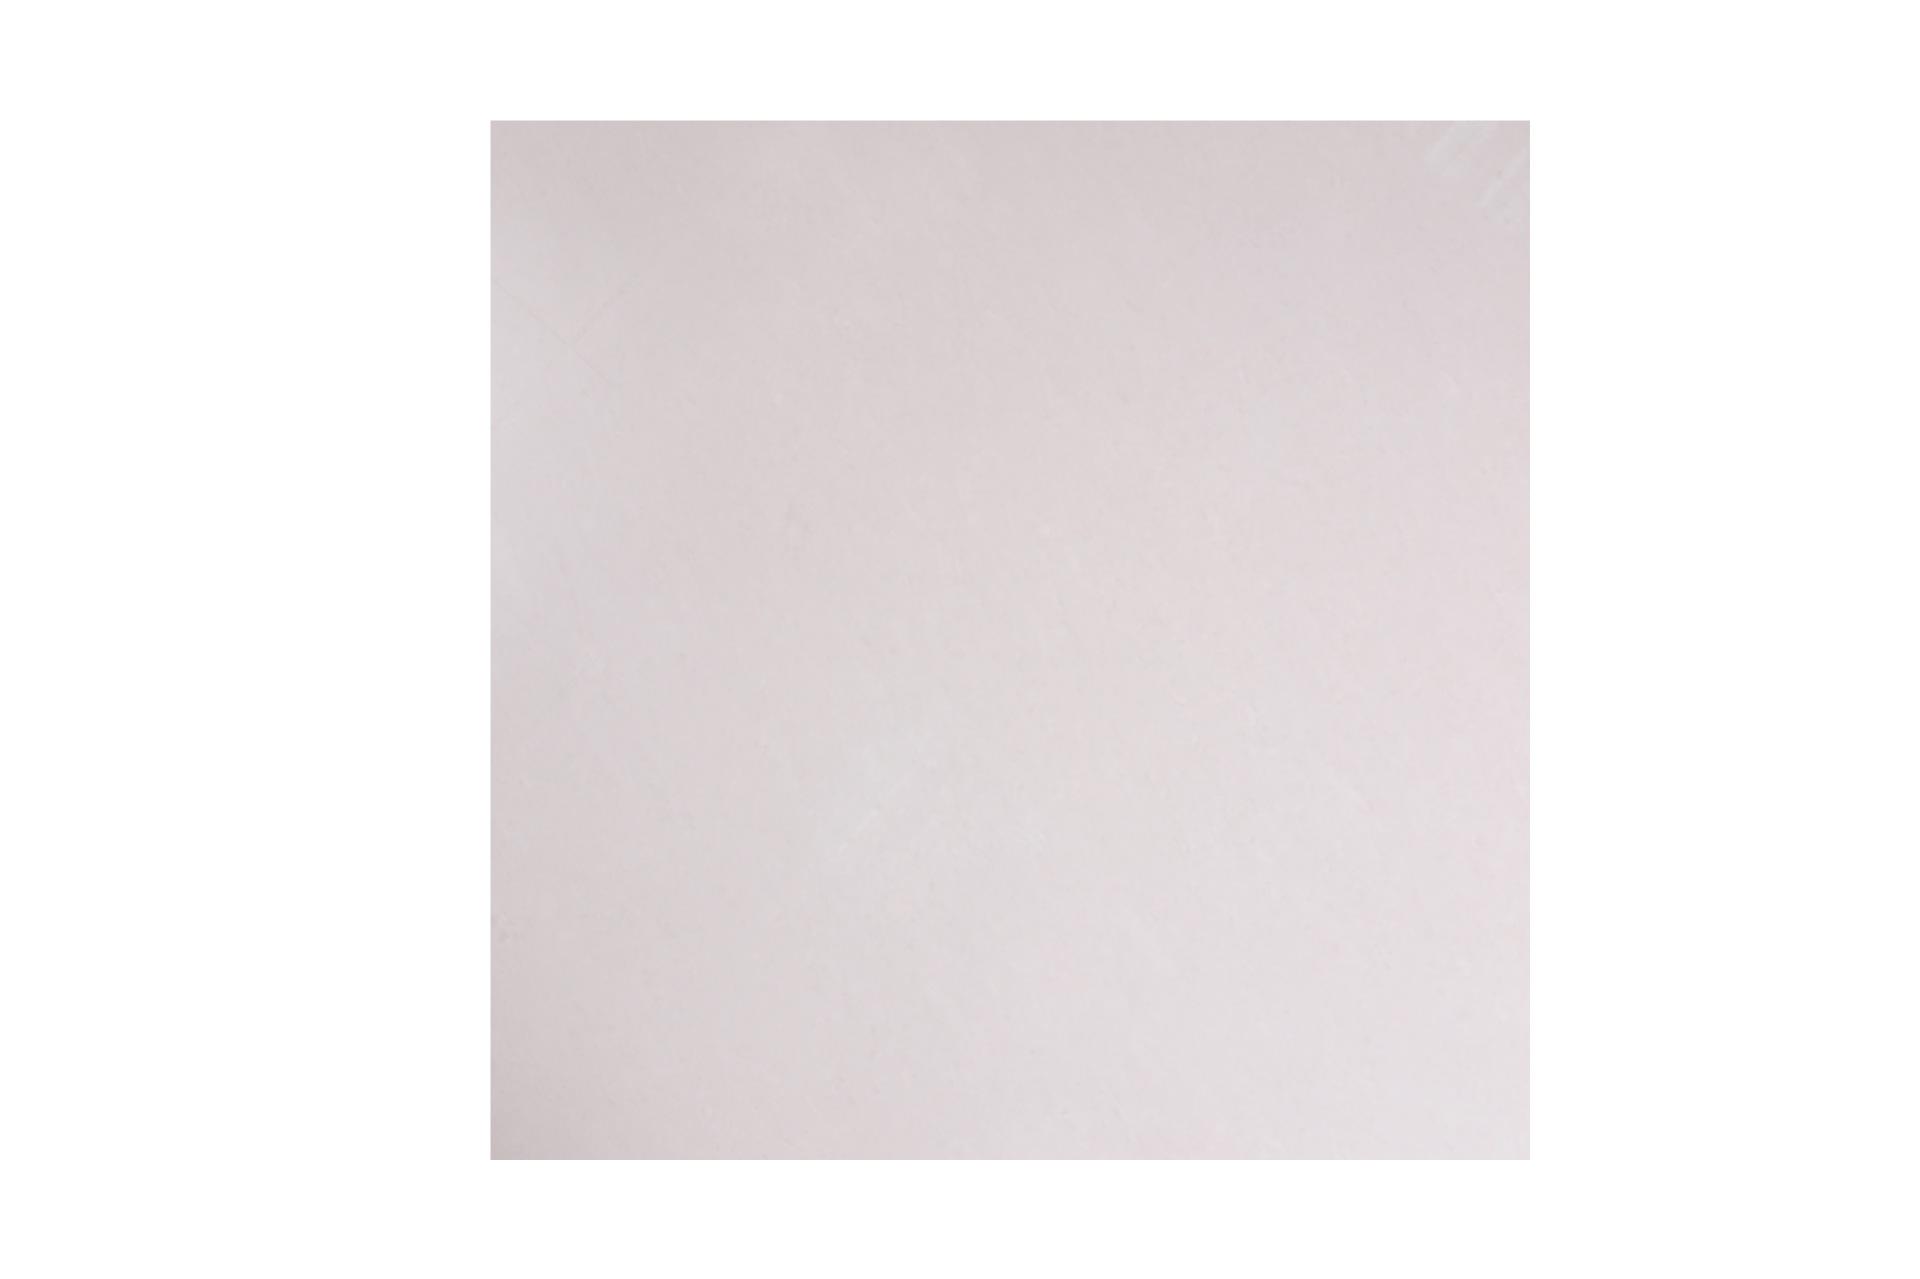 超耐磨地面砖 800800玻化抛光砖 红白黄聚晶 佛山瓷砖厂家地板砖图片